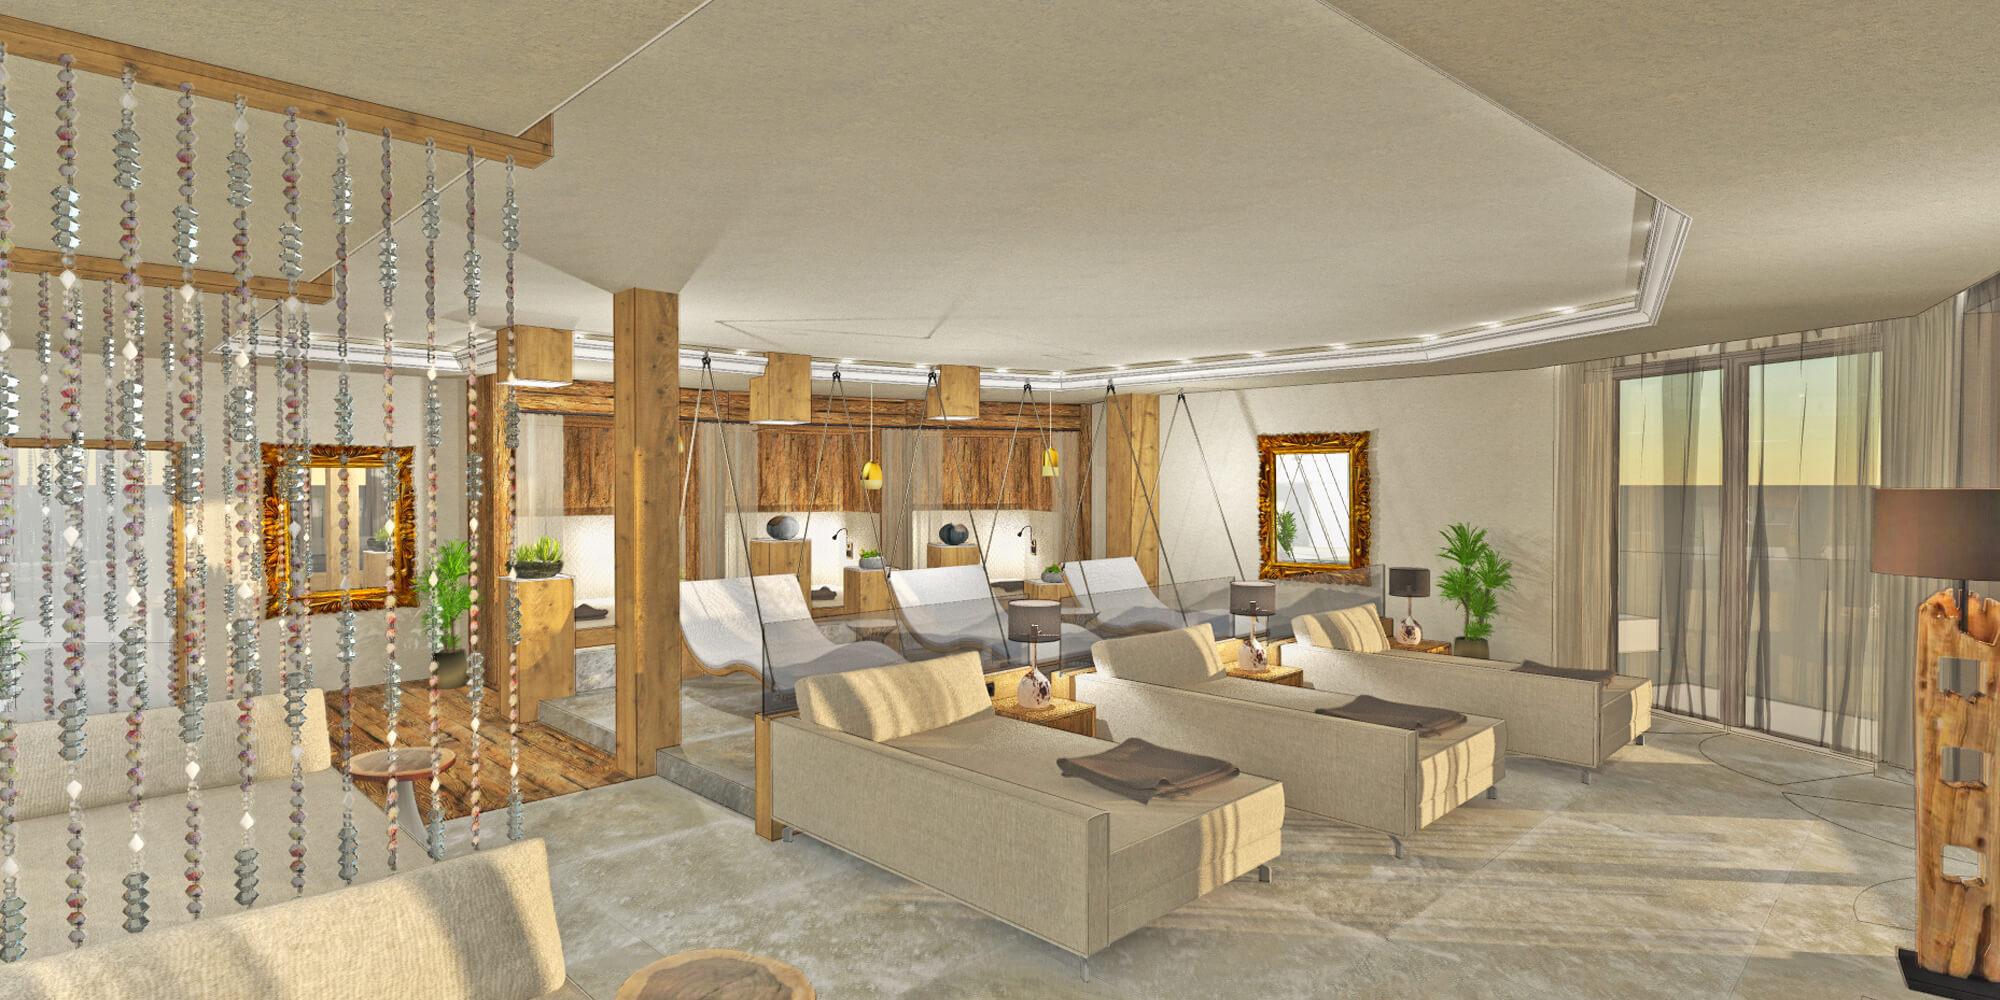 Crea-Plan-Design-Rauch-Frühmann-Architektur-Innenarchitektur-Design-Projekt-Referenz-Hotelerie-Gastronomie-Hotel-Bergknappenhof-Ruheraum-1